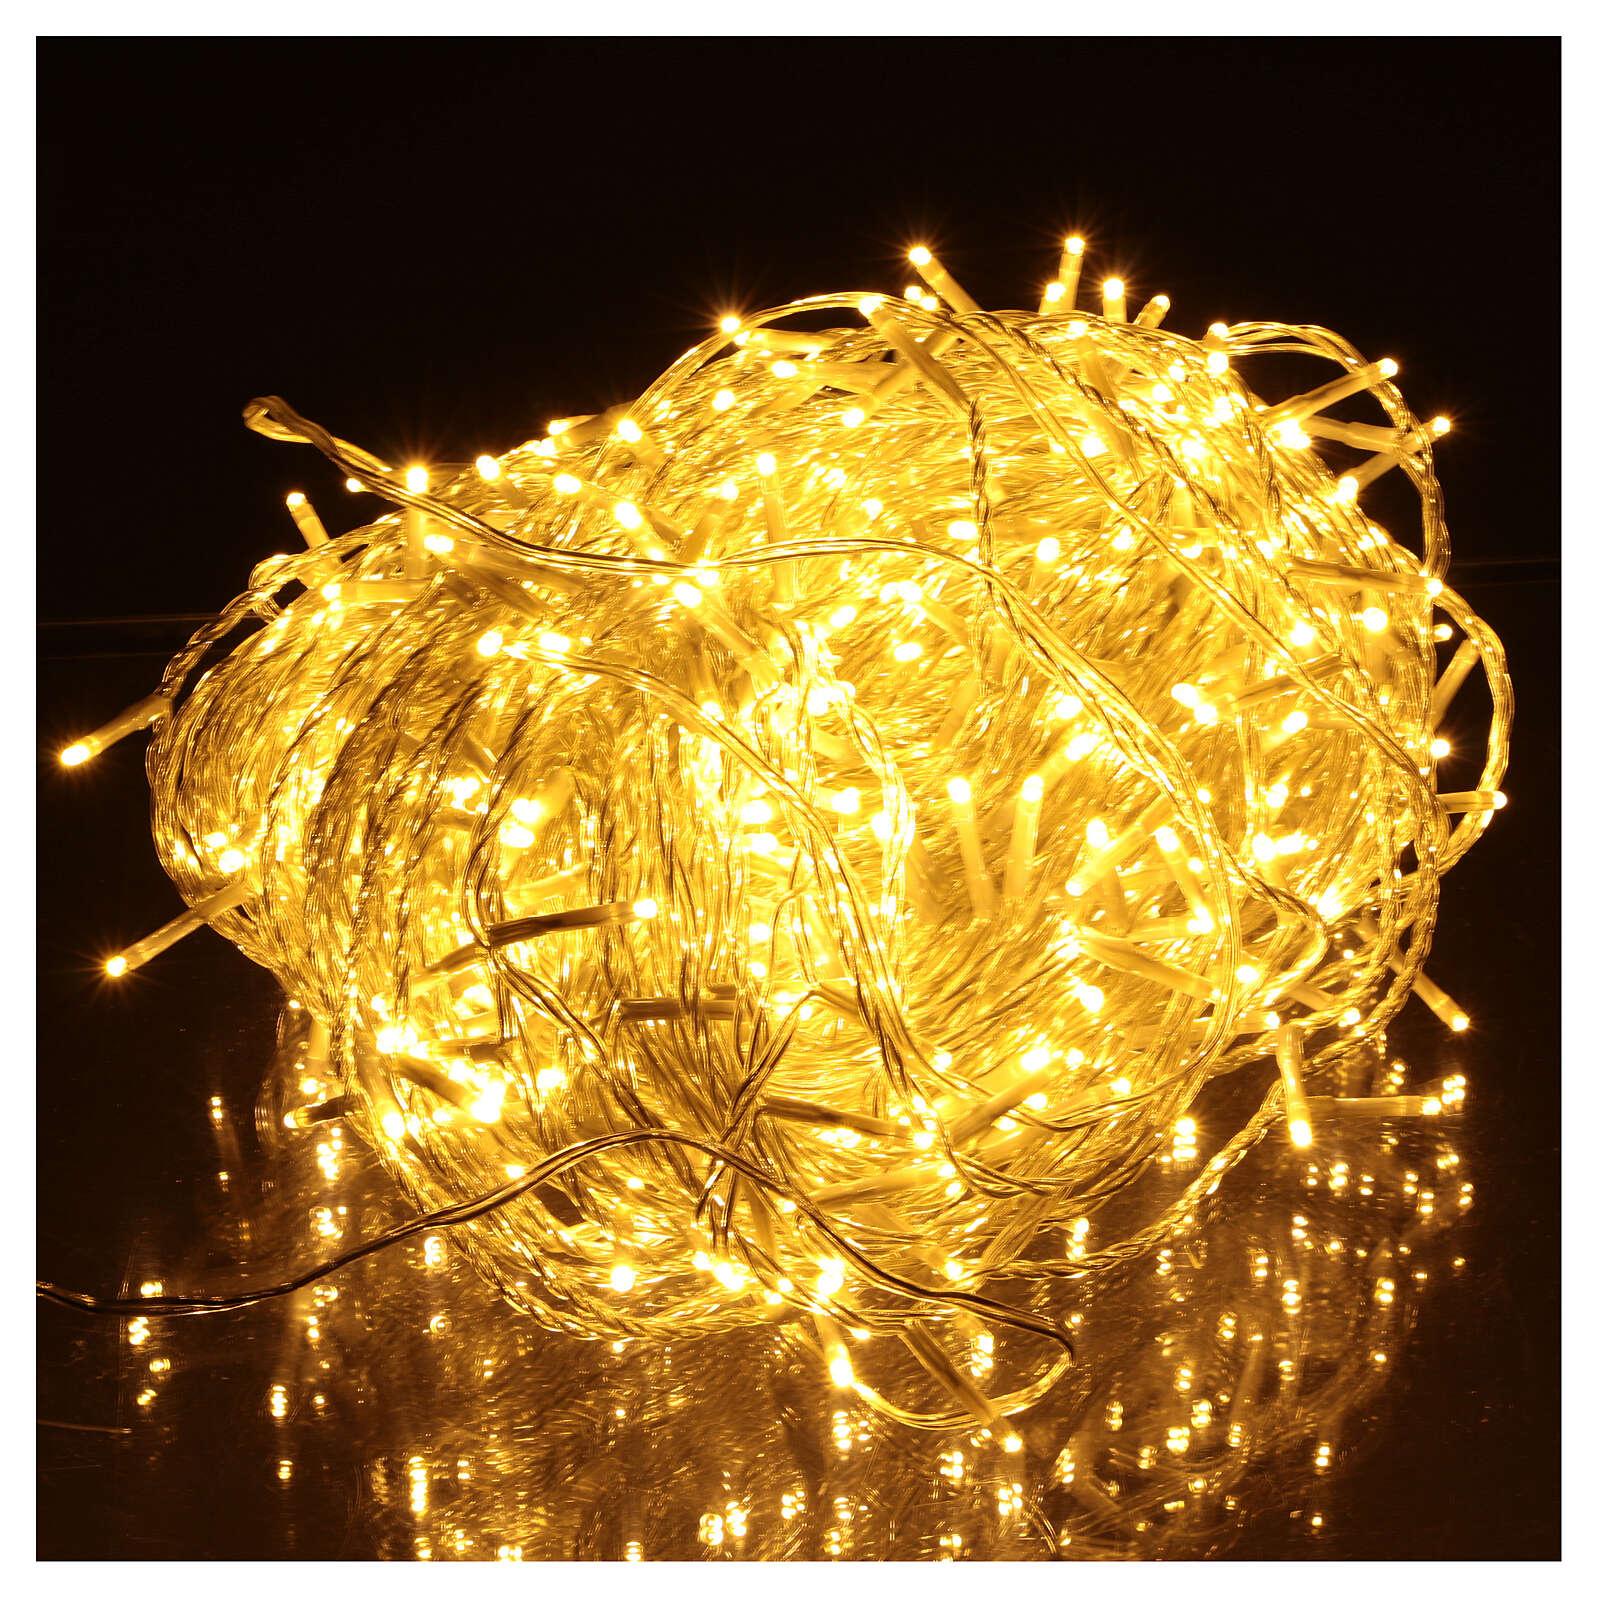 Guirlande lumineuse chaîne 500 LED blanc chaud extérieur interrupteur 50 m 3